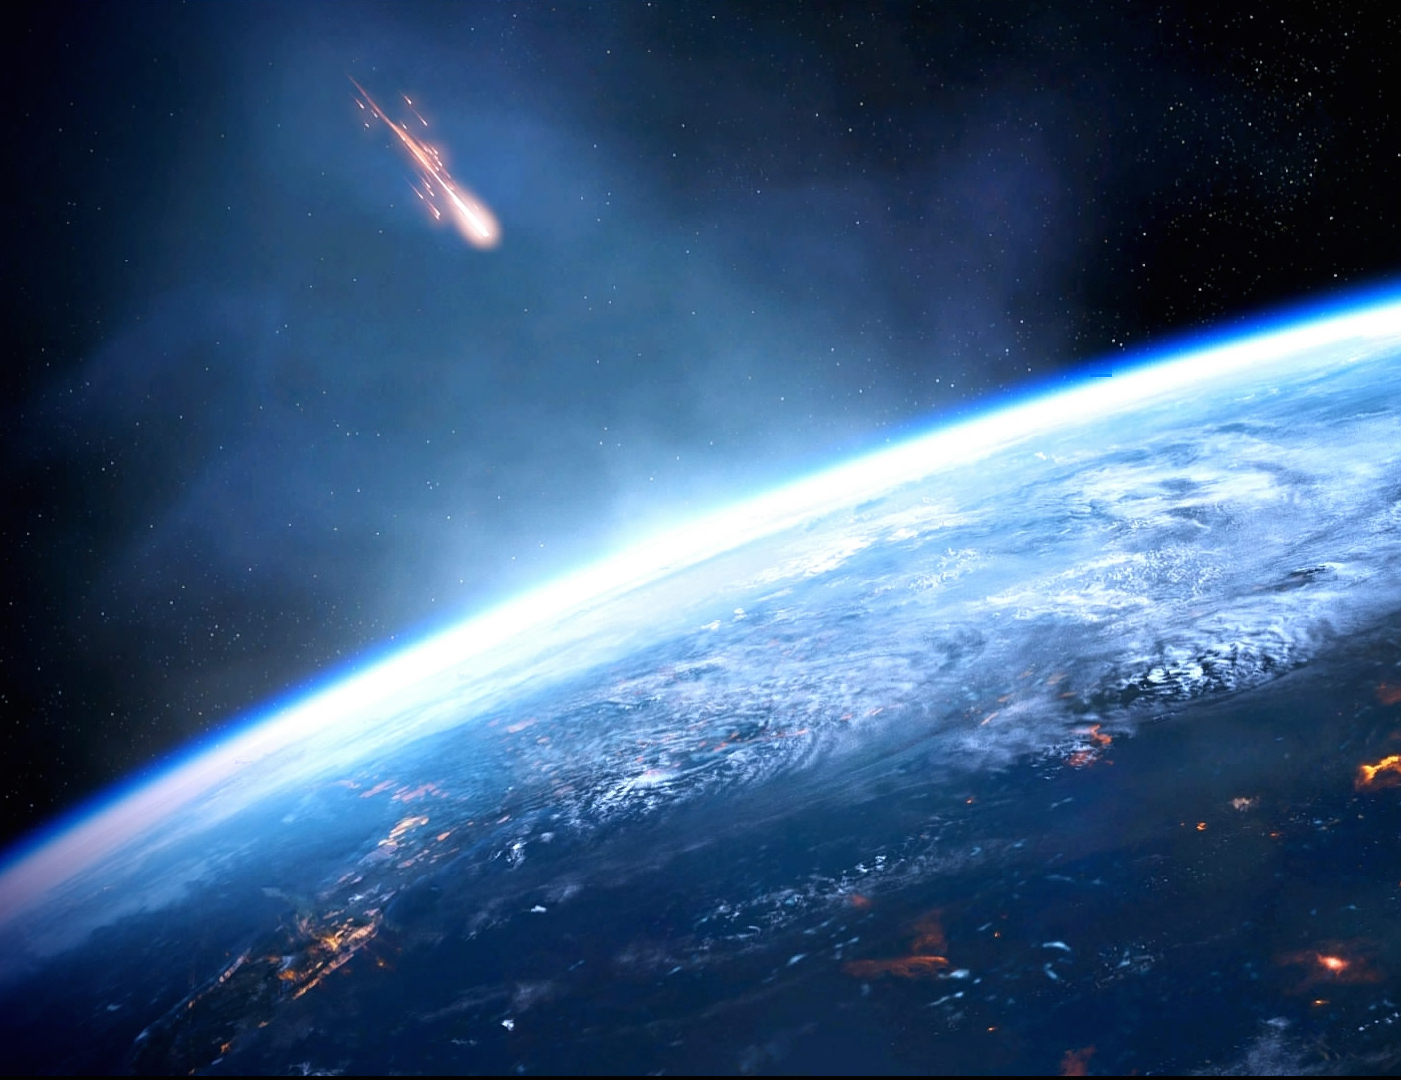 mass_effect_3_earth_dreamscene_by_droot1986-d661hfj